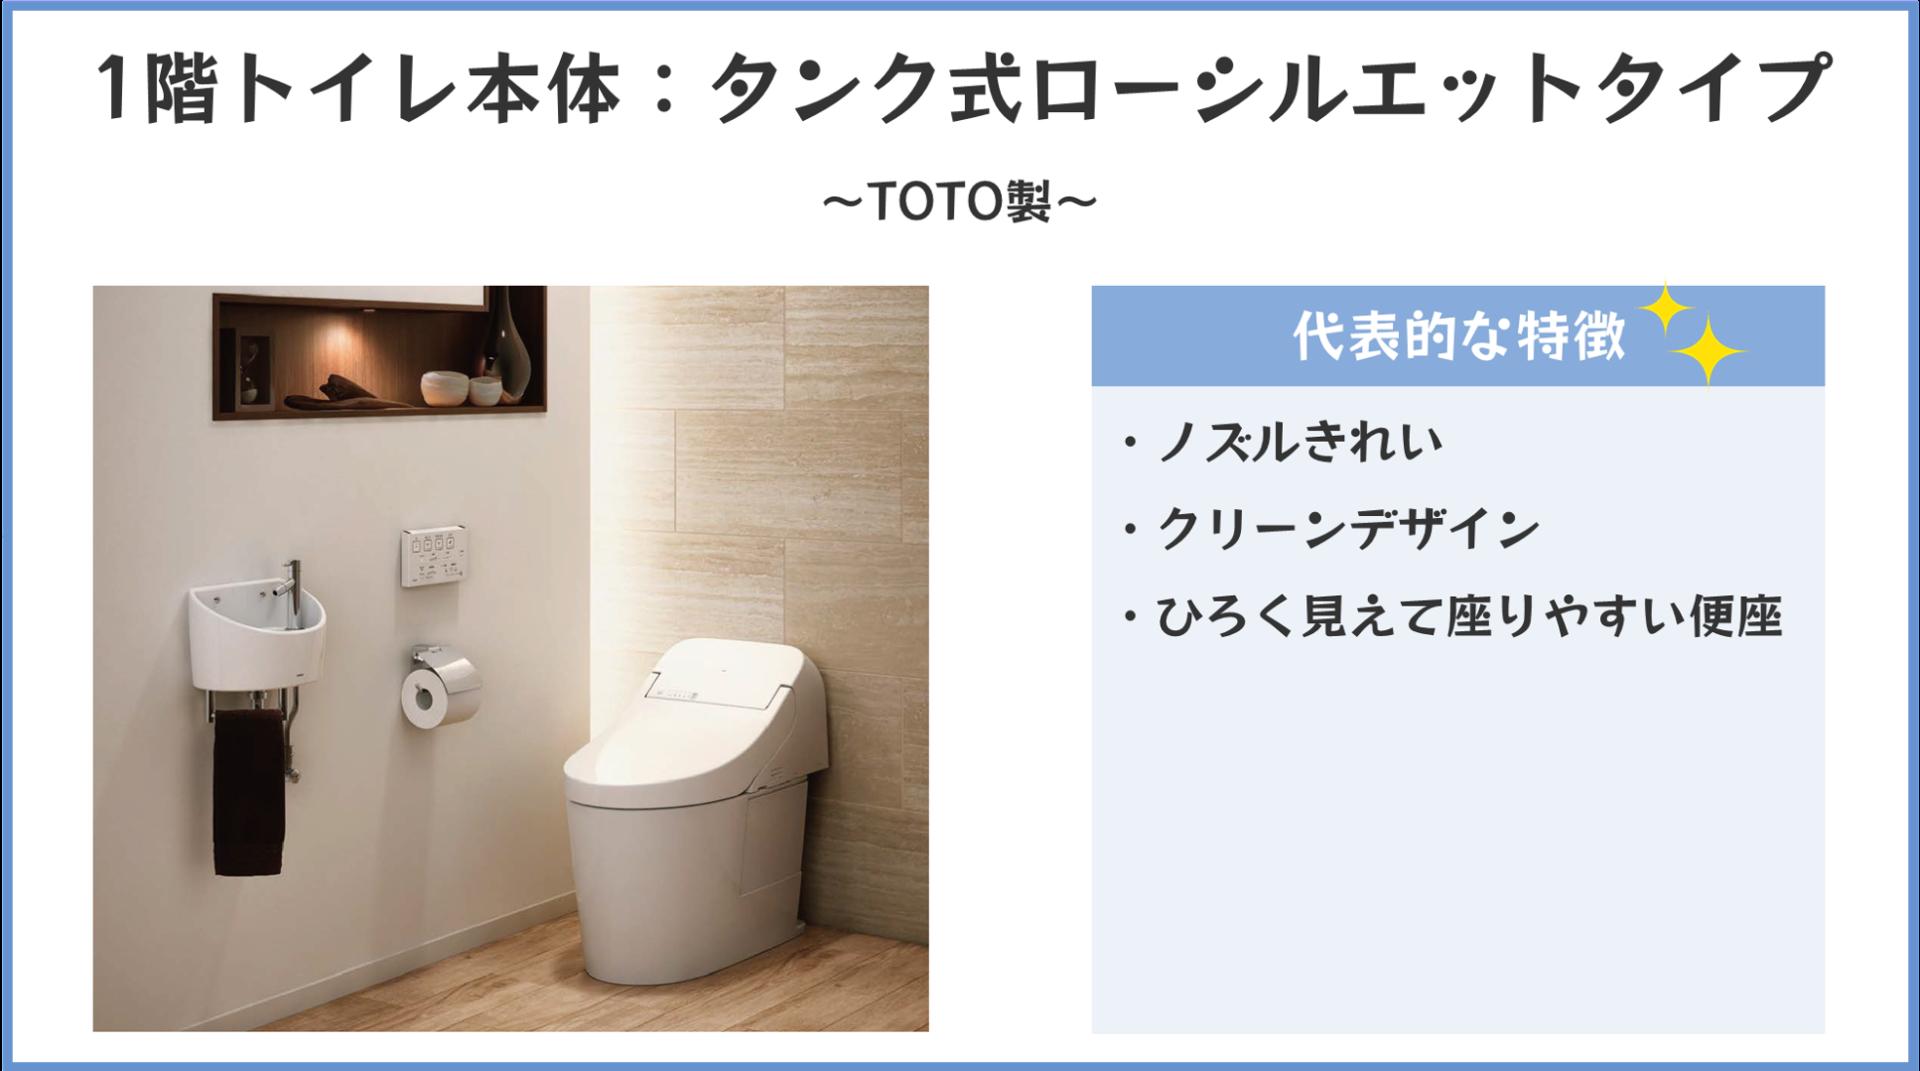 1階トイレ本体